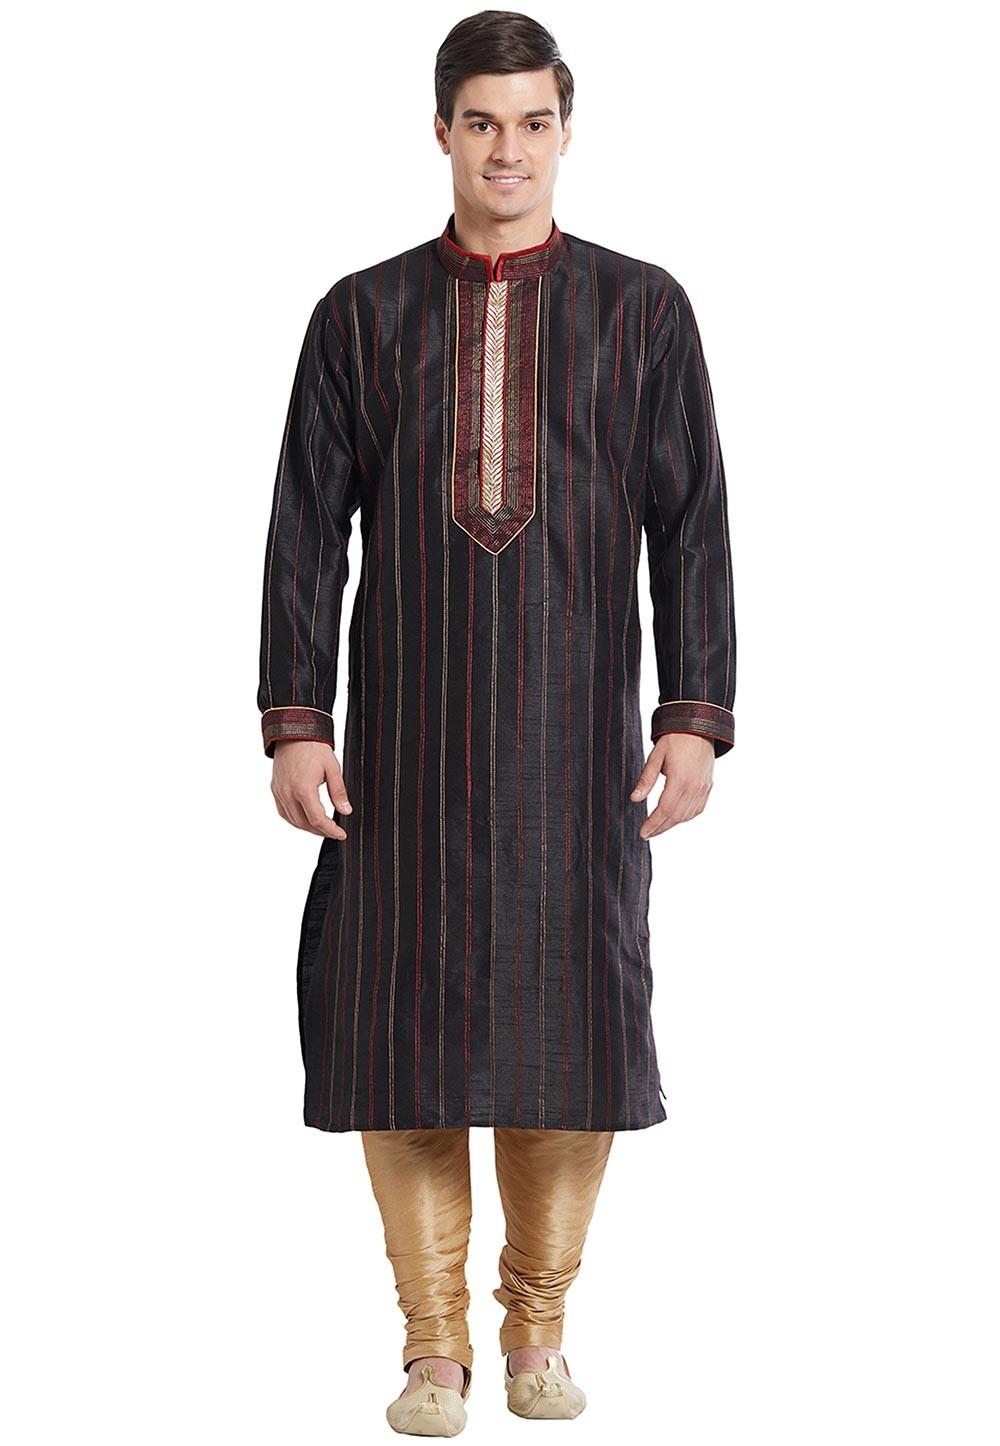 Black Color Silk Readymade Kurta Pajama With Thread Work